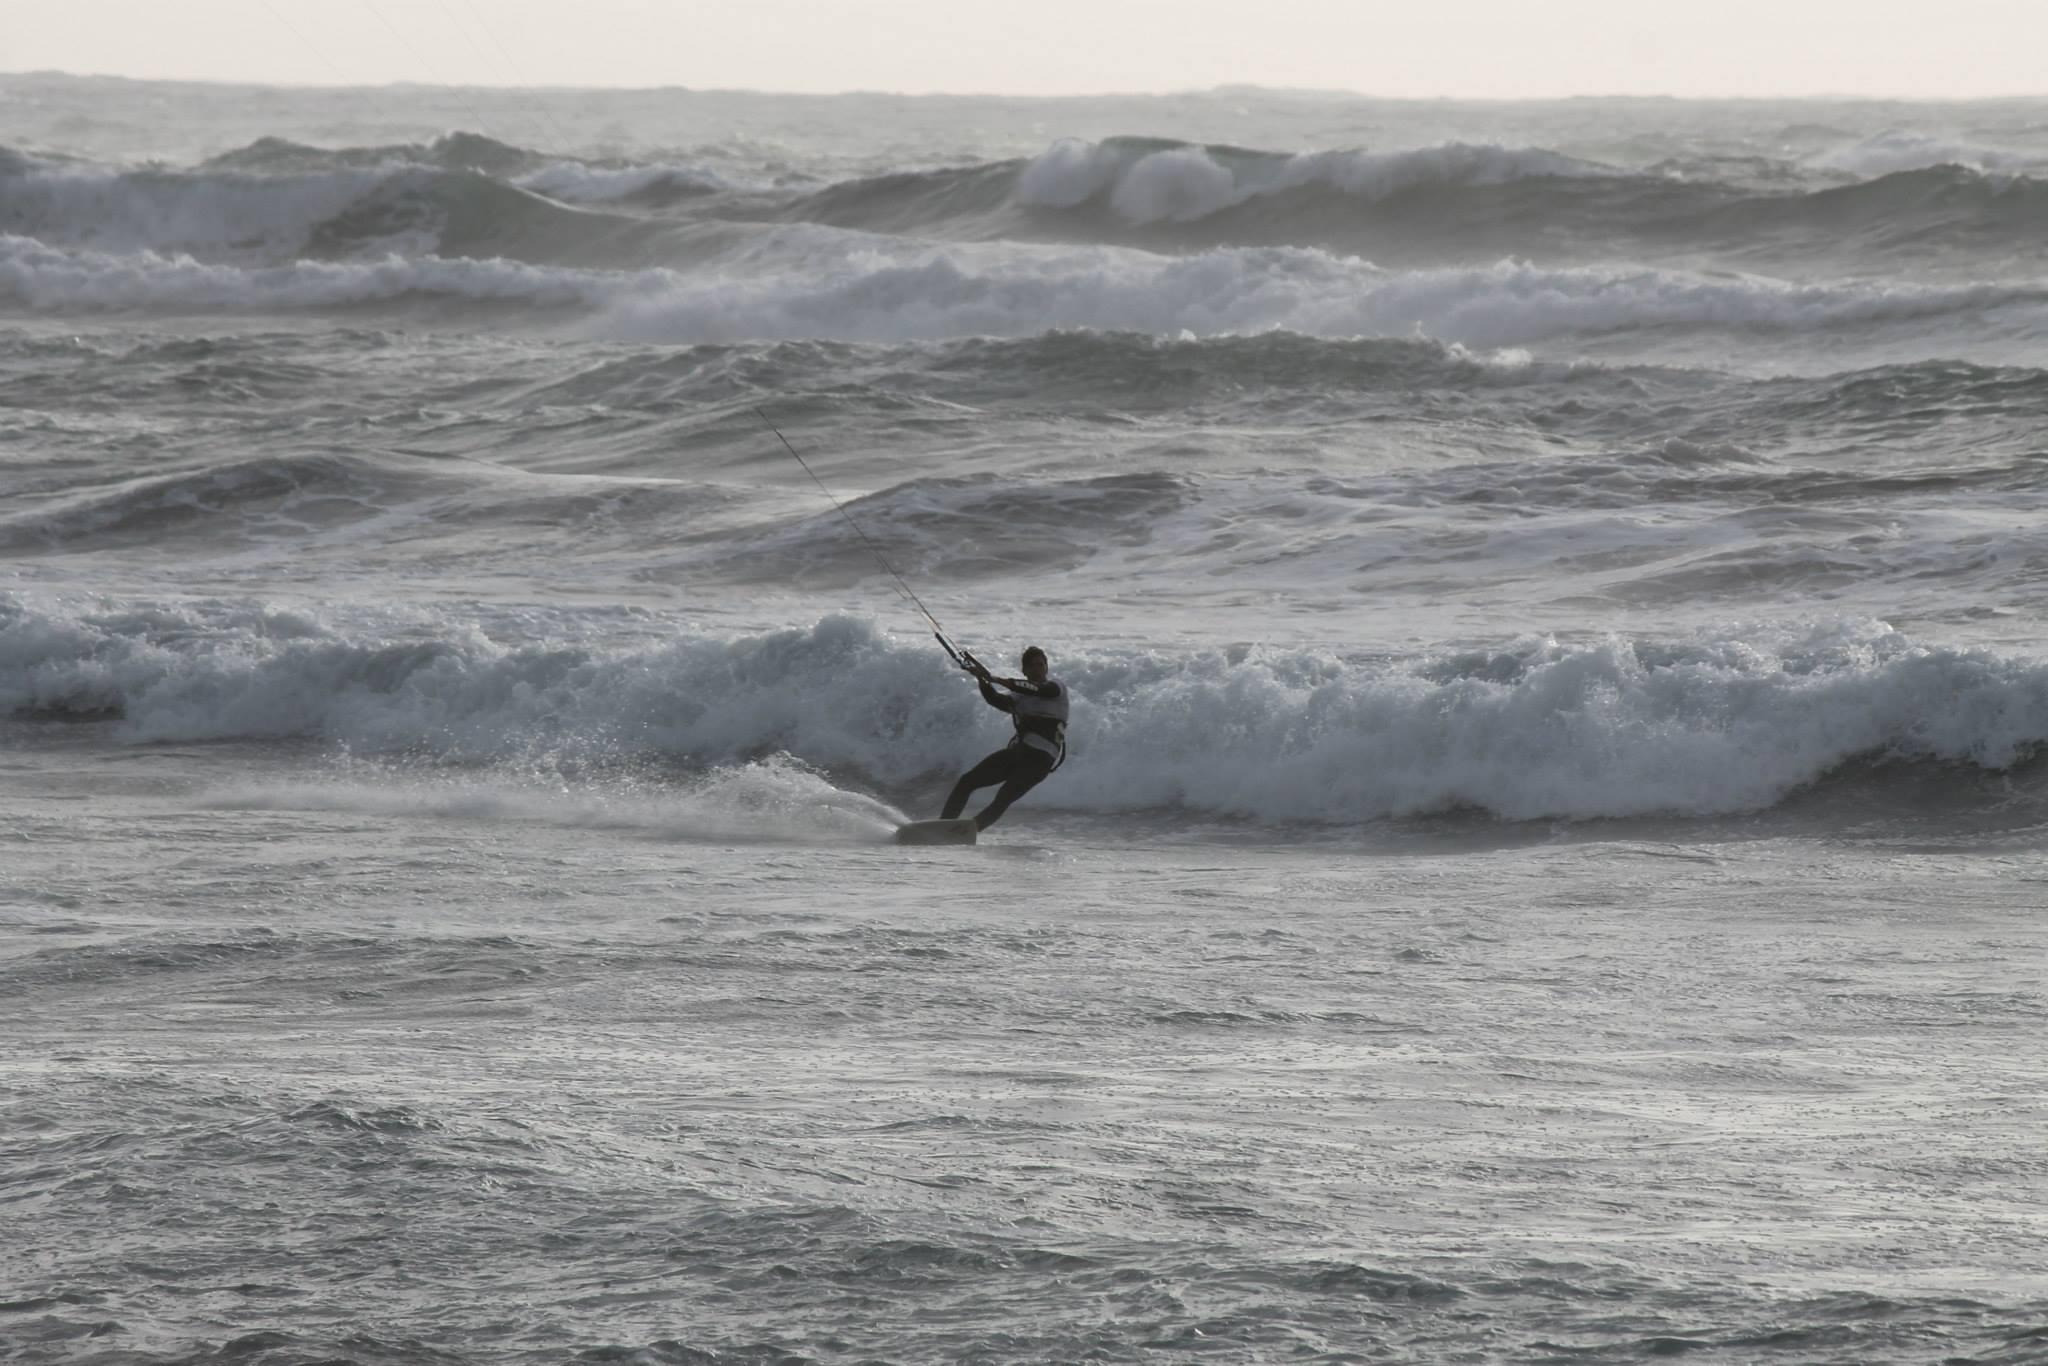 Kitesurfing Funtanamare Sardinia September 2014